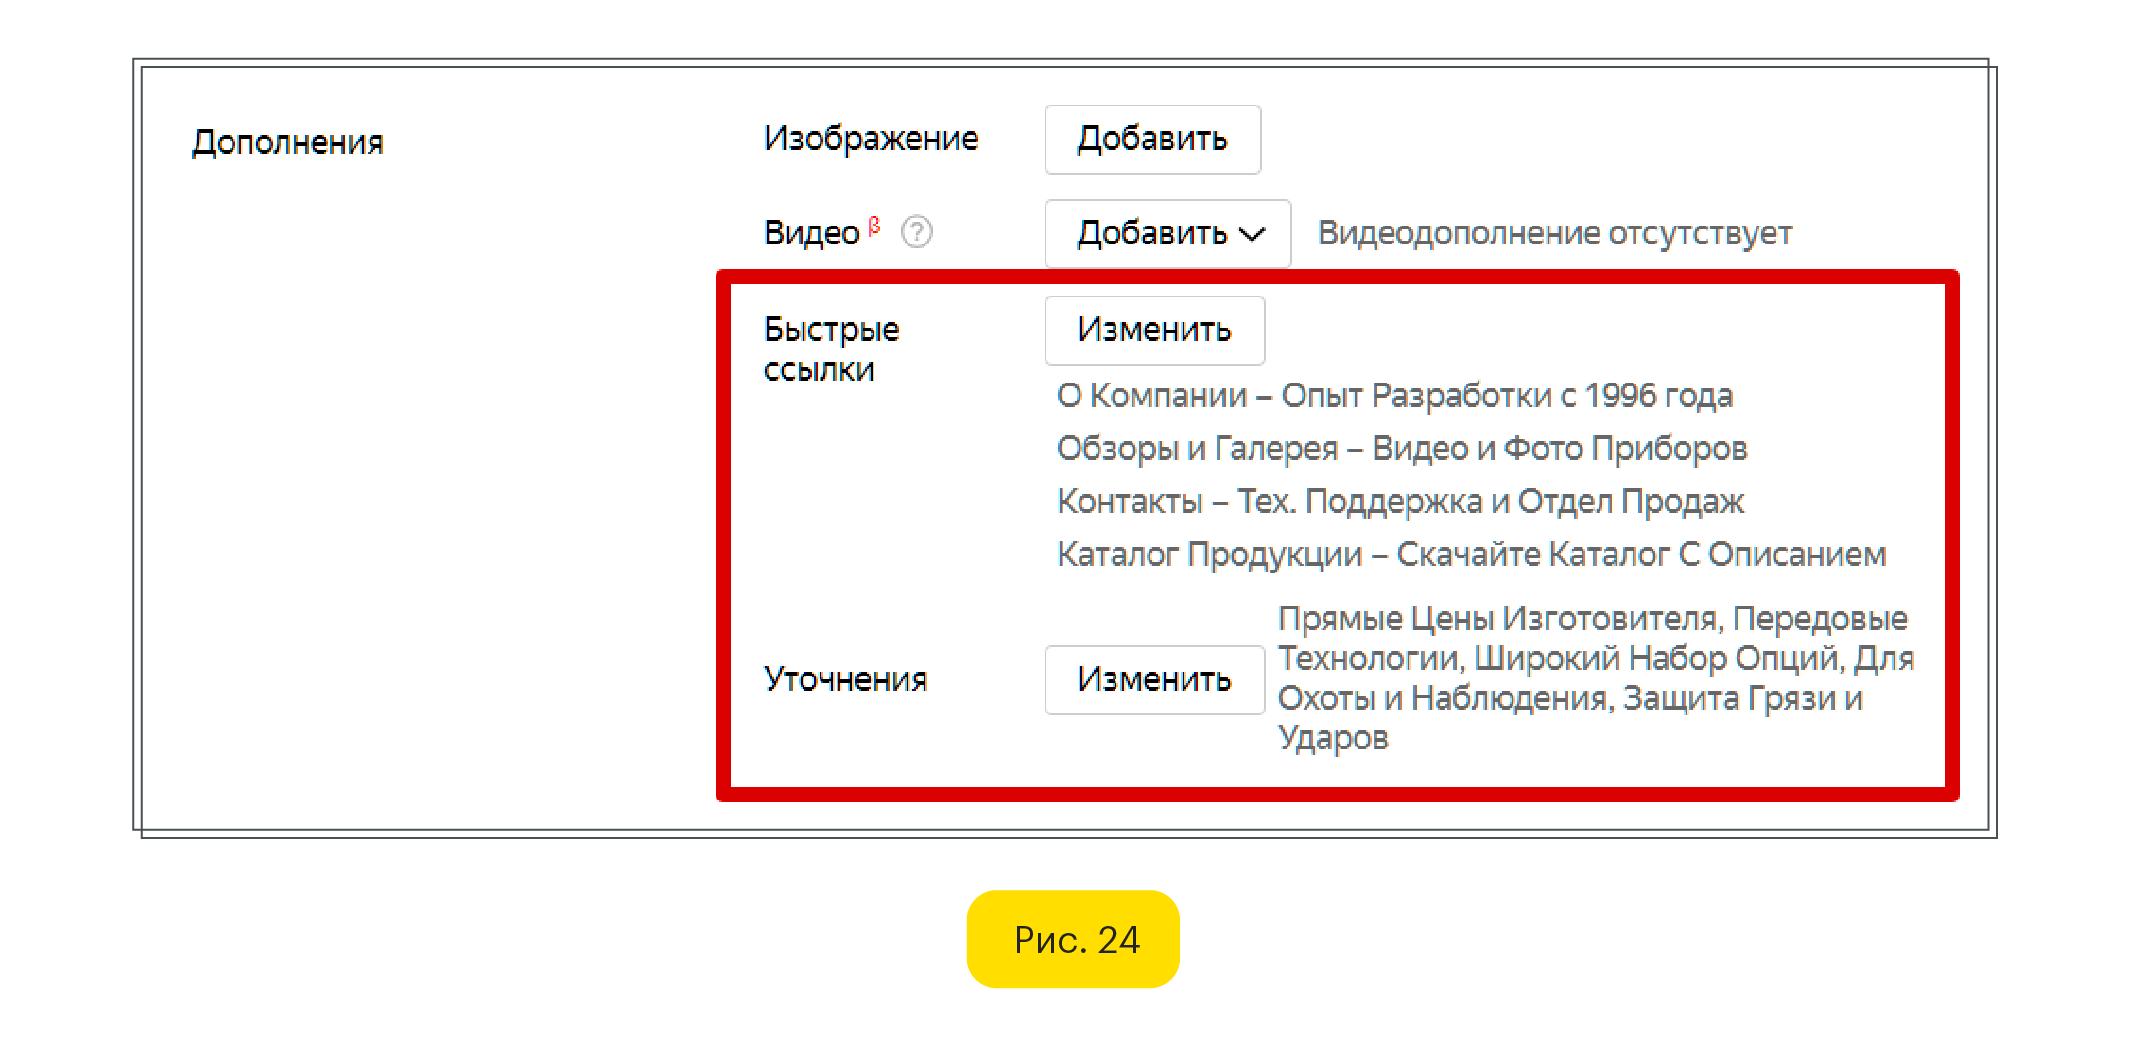 Быстрые ссылки и уточнения Яндекс Директ